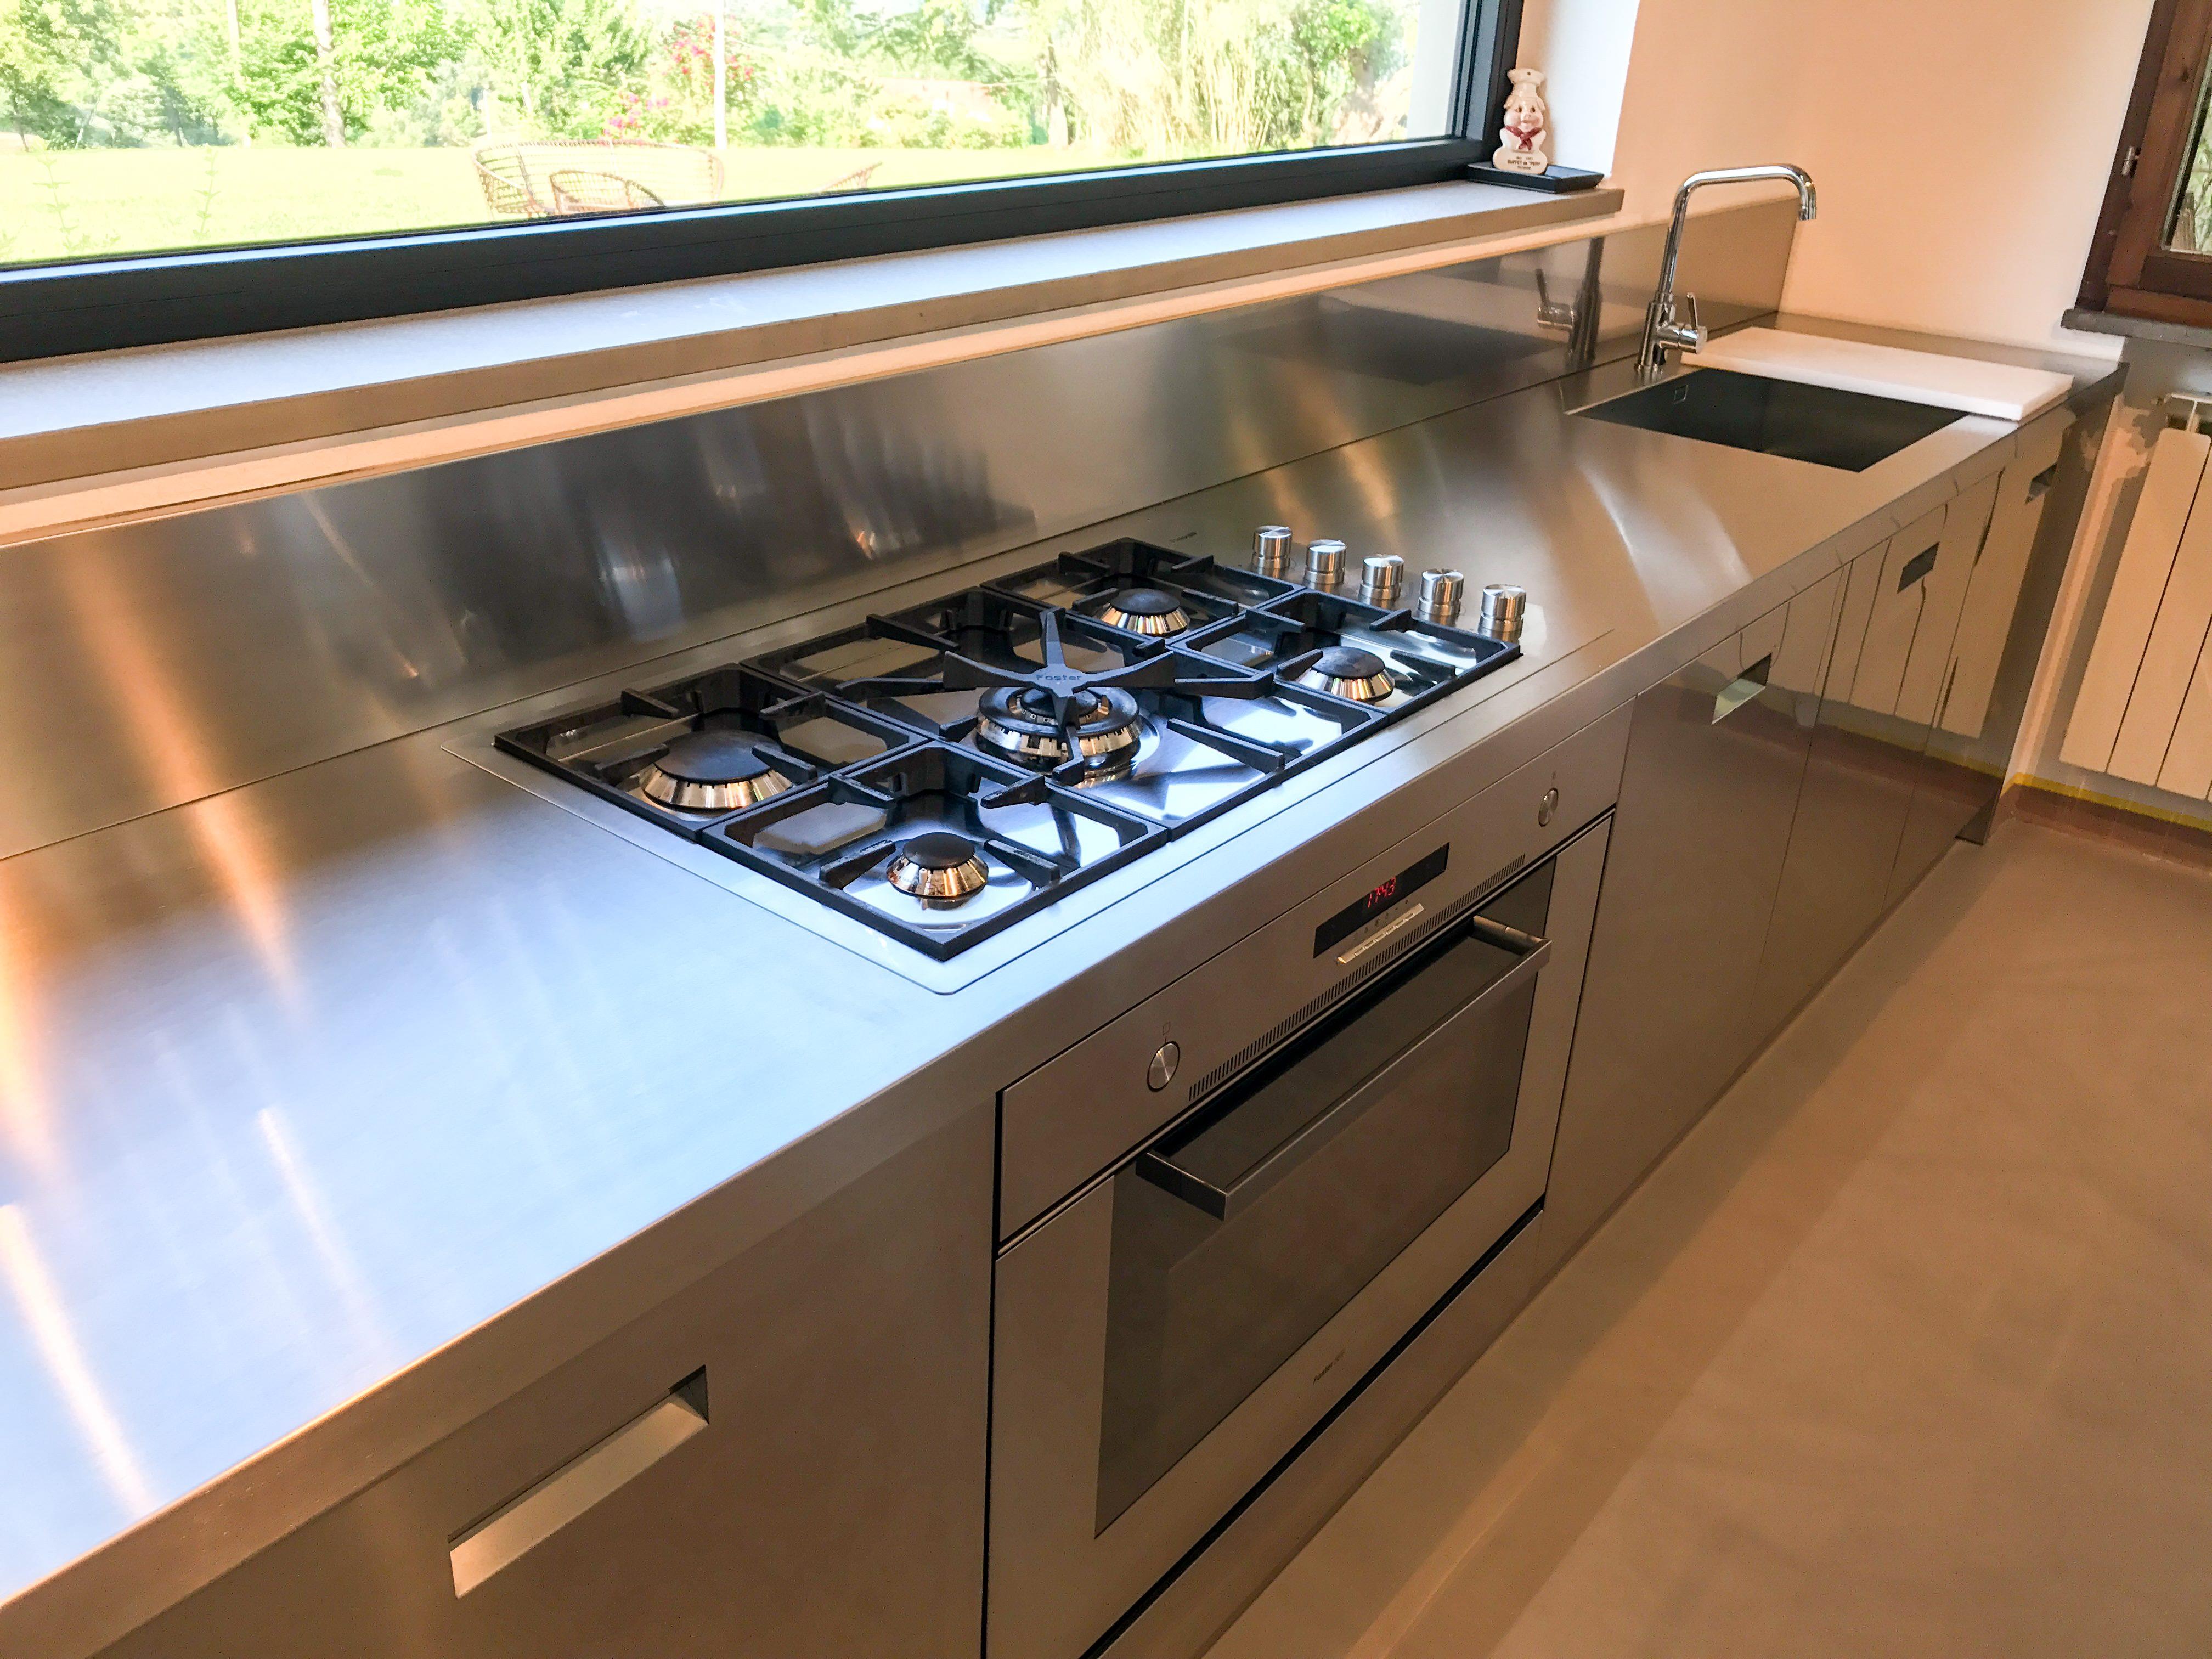 Blocco cucina acciaio blocco cucina acciaio prezzi with cucinesse prezzi with blocco cucina - Blocco cucina acciaio ...